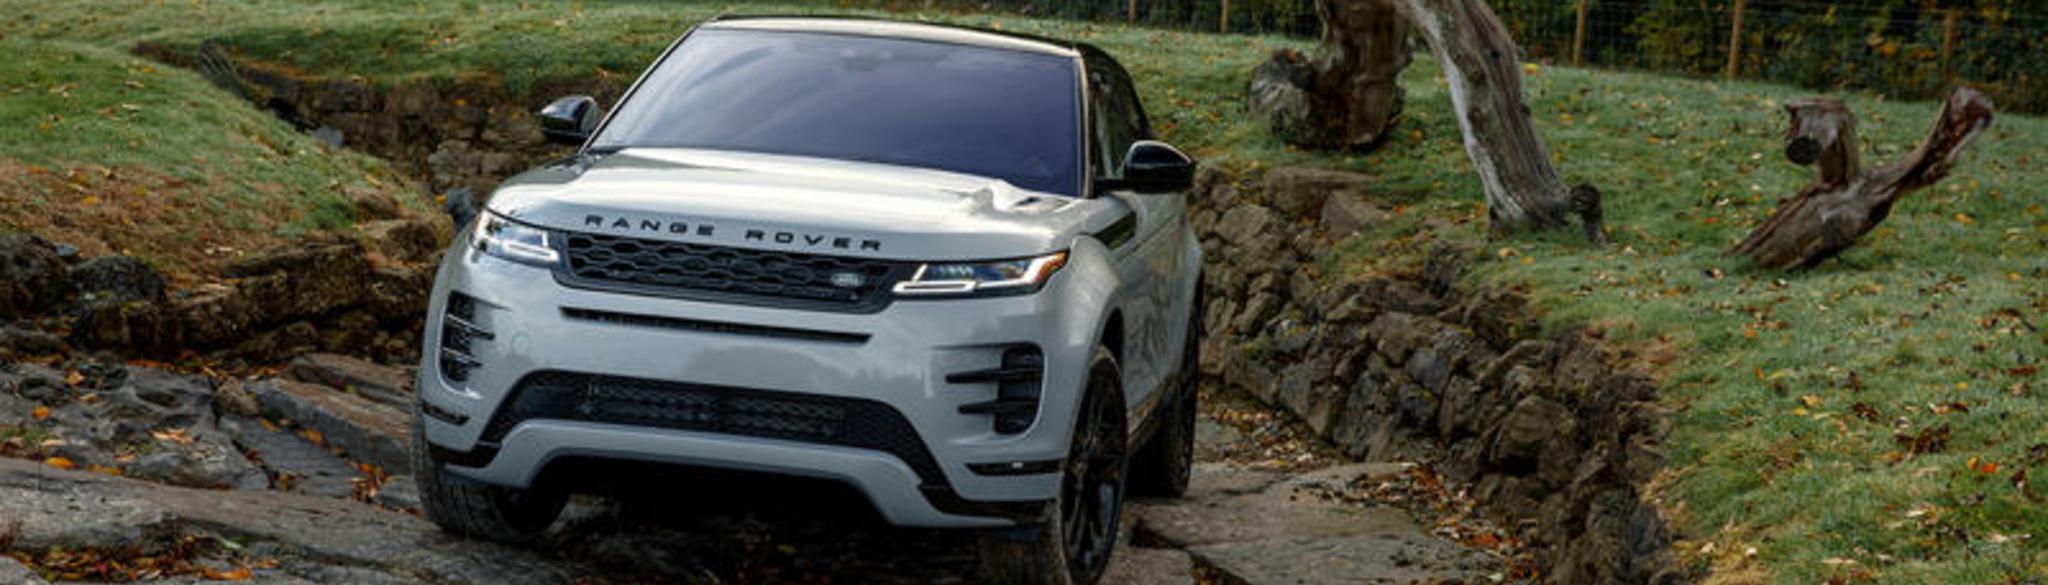 Range Rover Evoque Capability